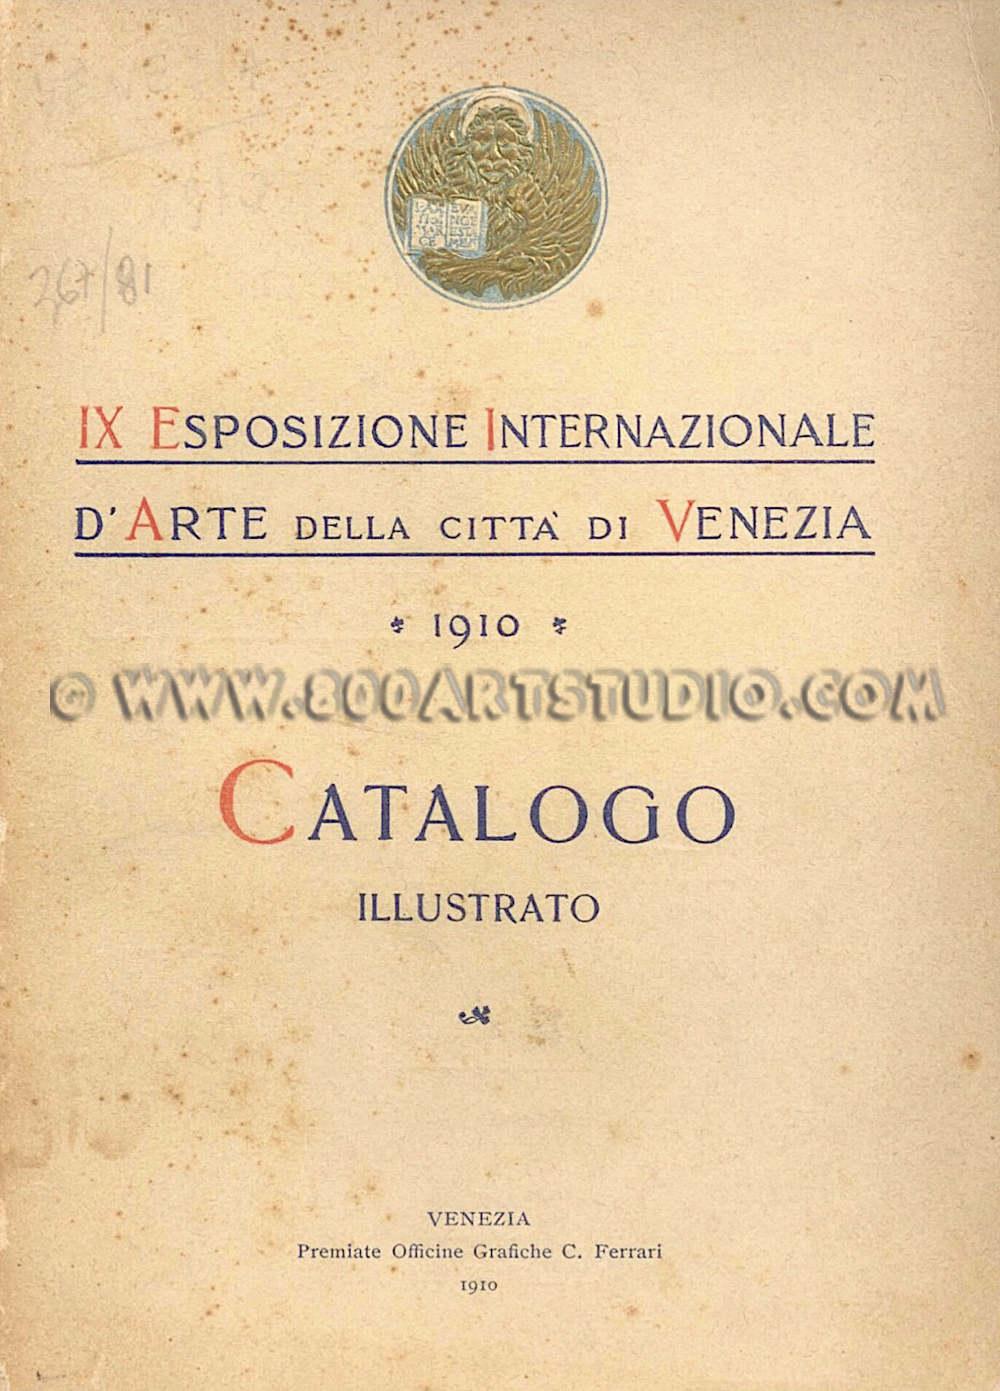 Guglielmo Amedeo Lori - Manarola sotto la luna - catalogo Biennale di Venezia